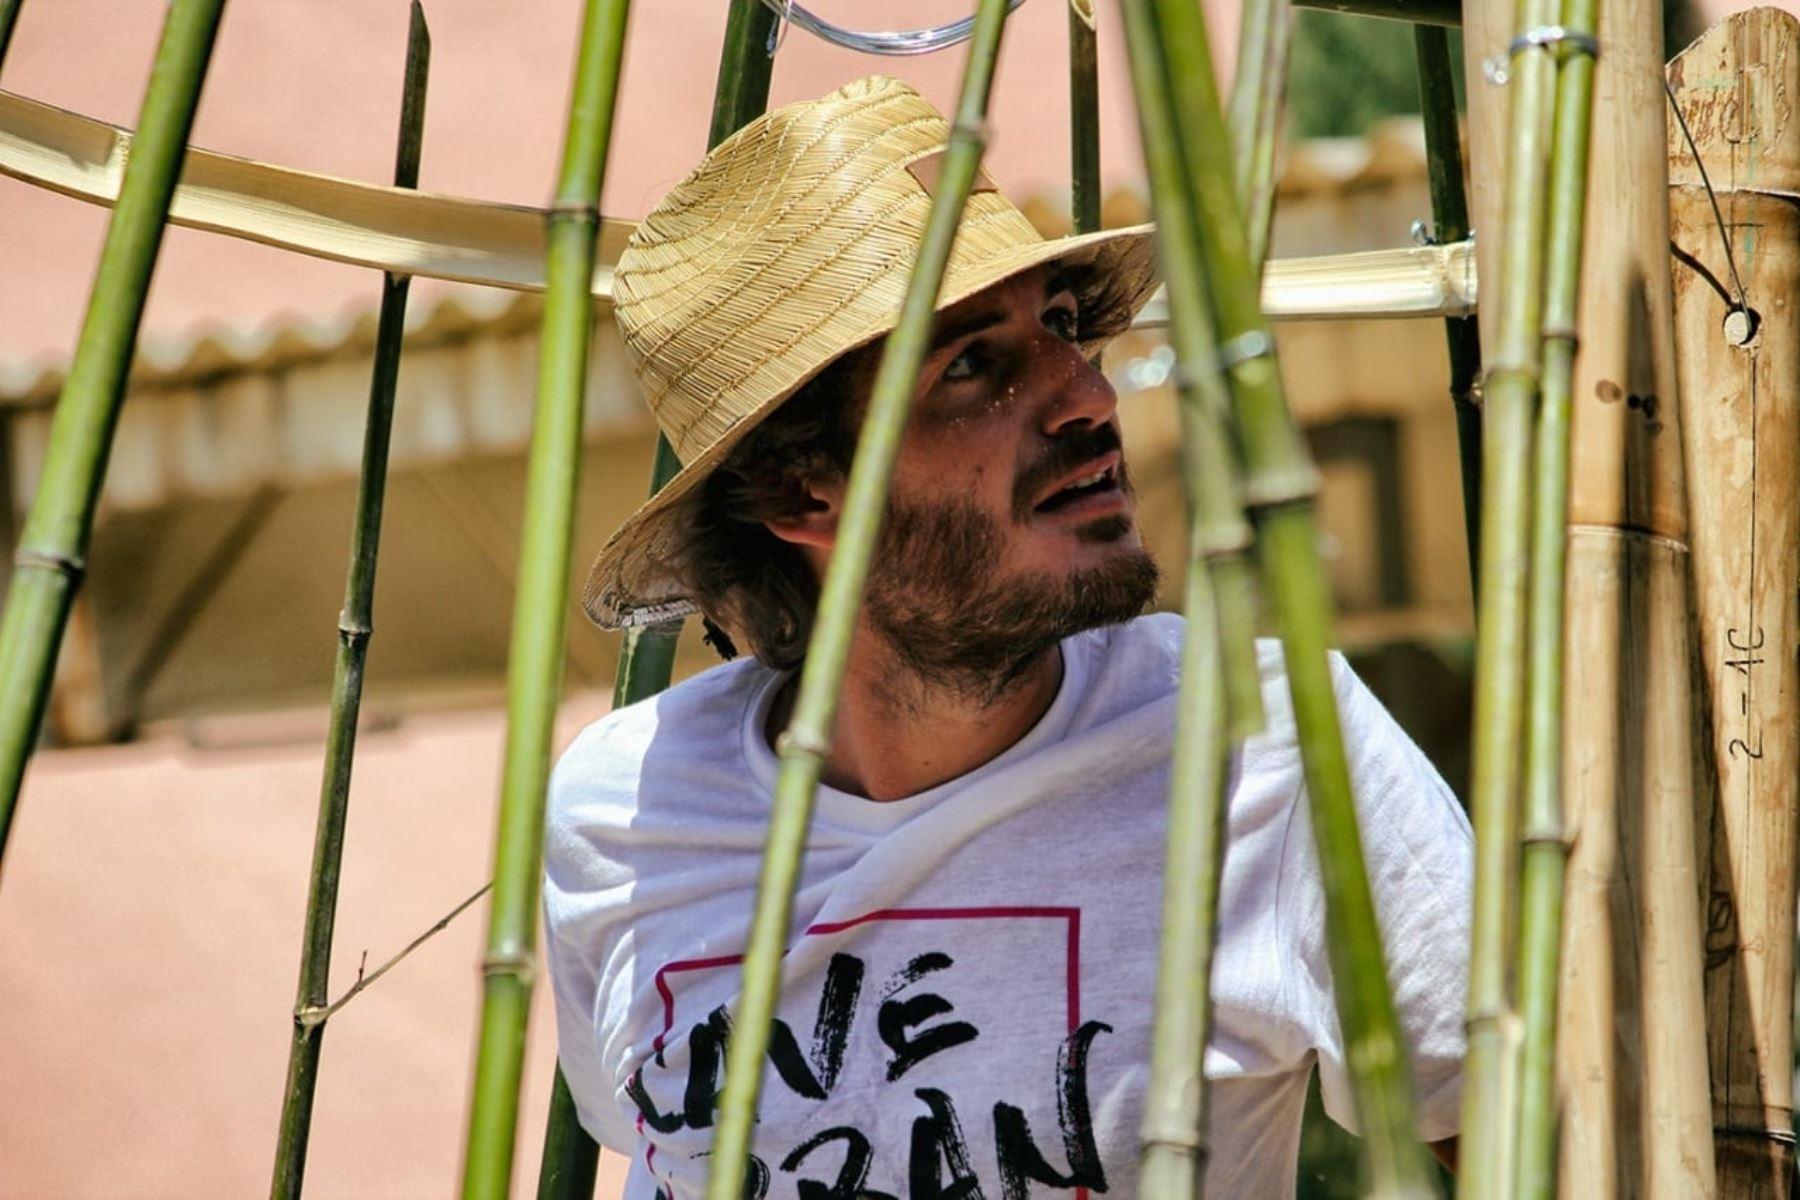 Los usos del bambú para generar desarrollo.